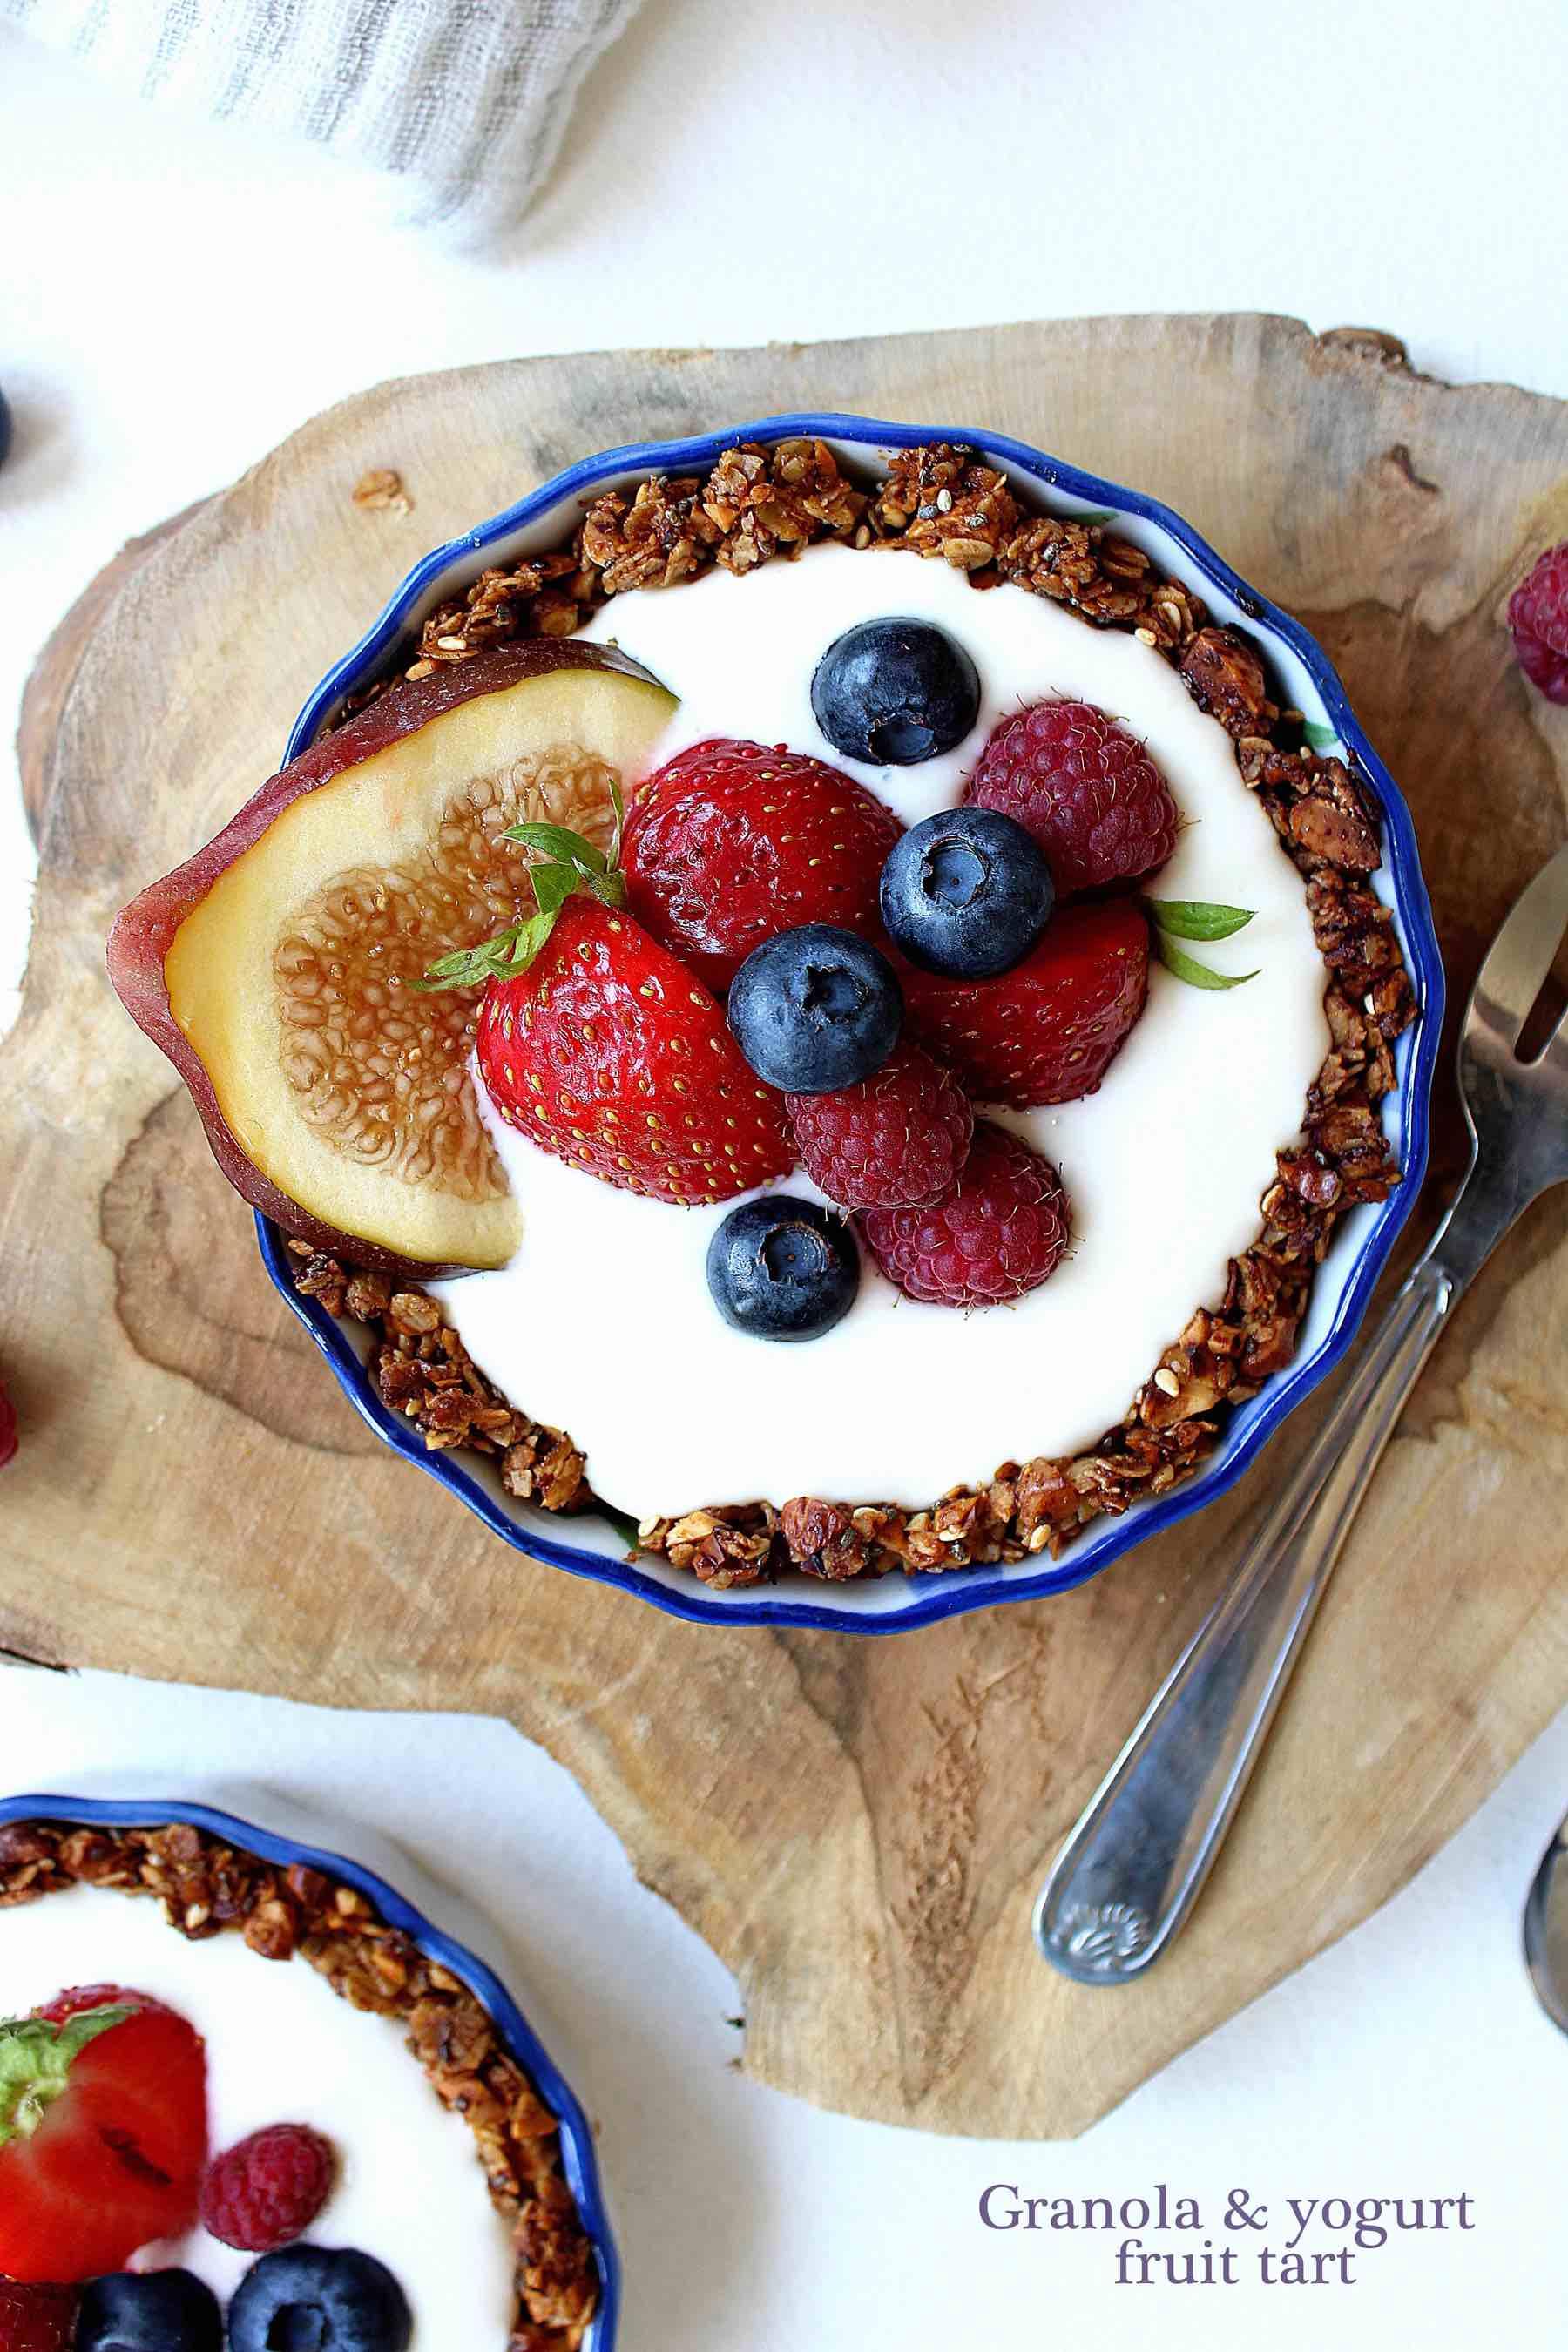 Tartelettes de granola au yaourt